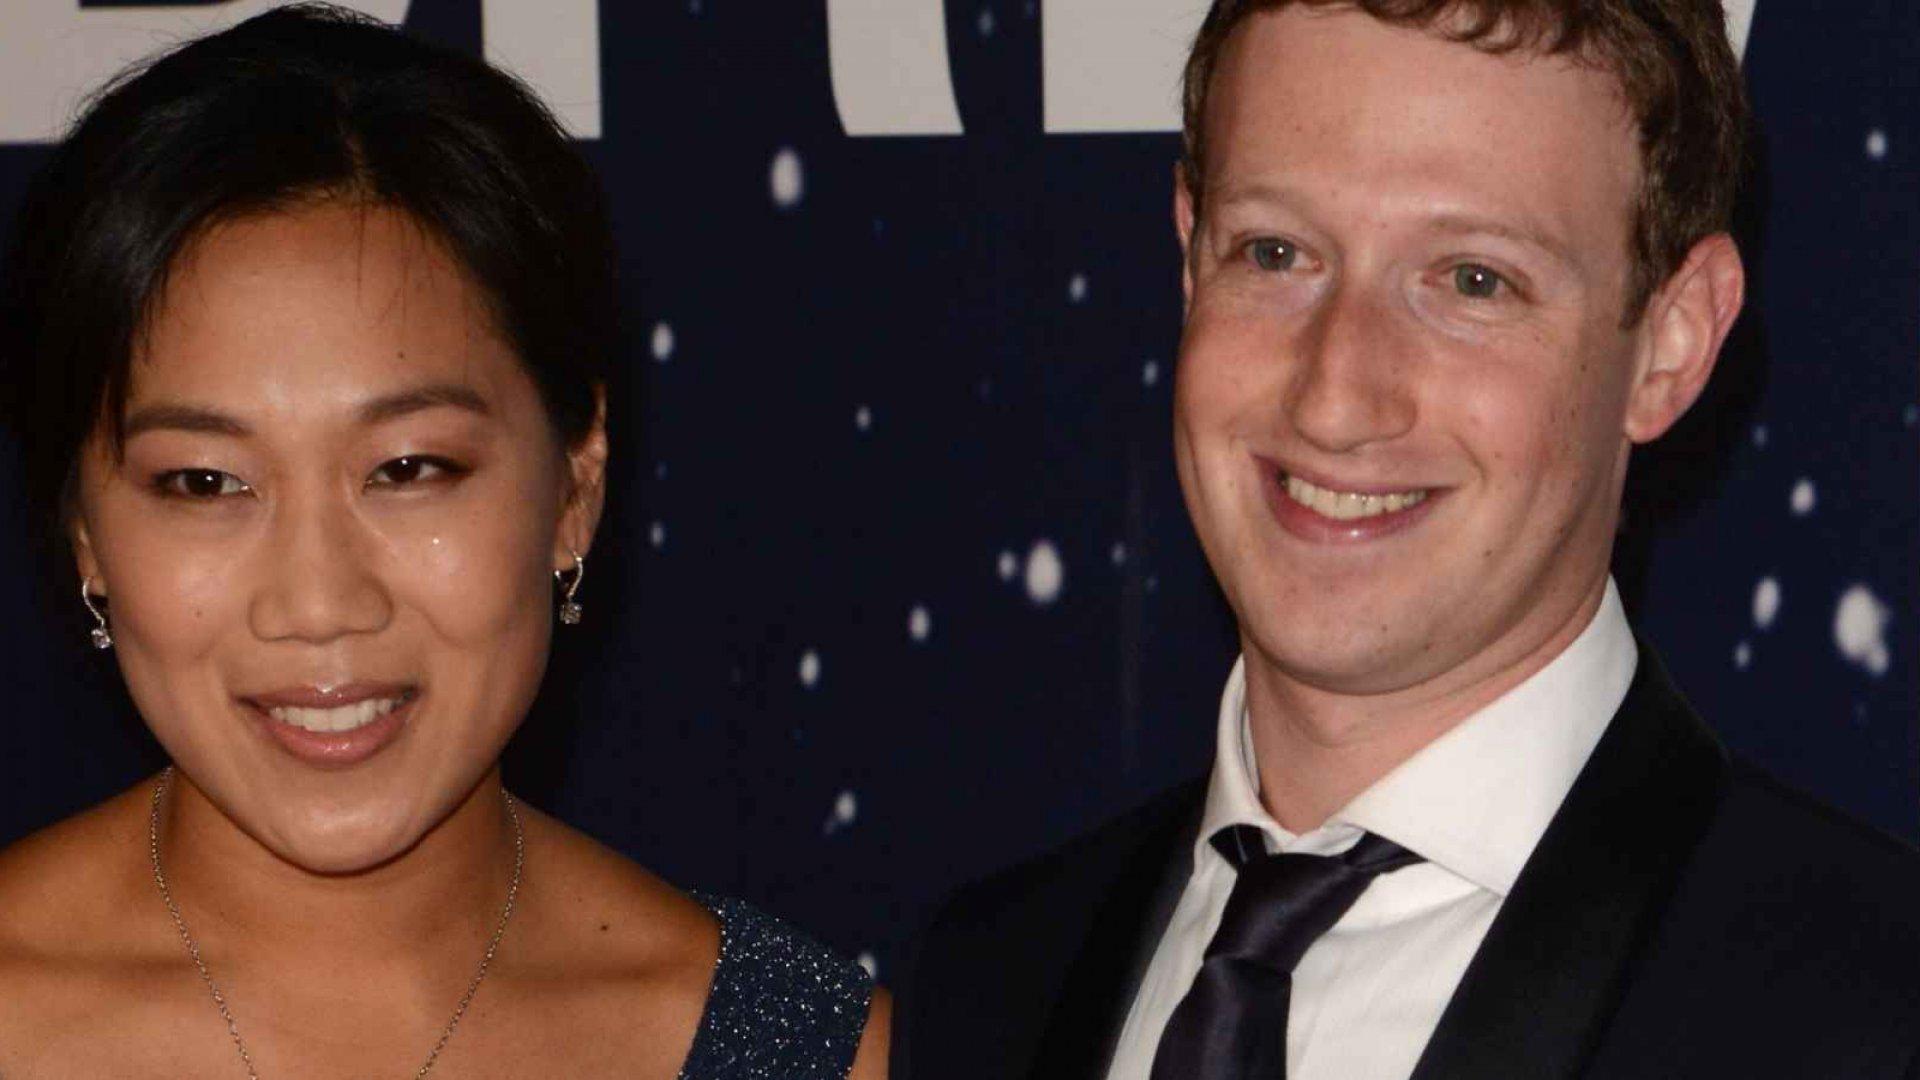 Priscilla Chan and Mark Zuckerberg.